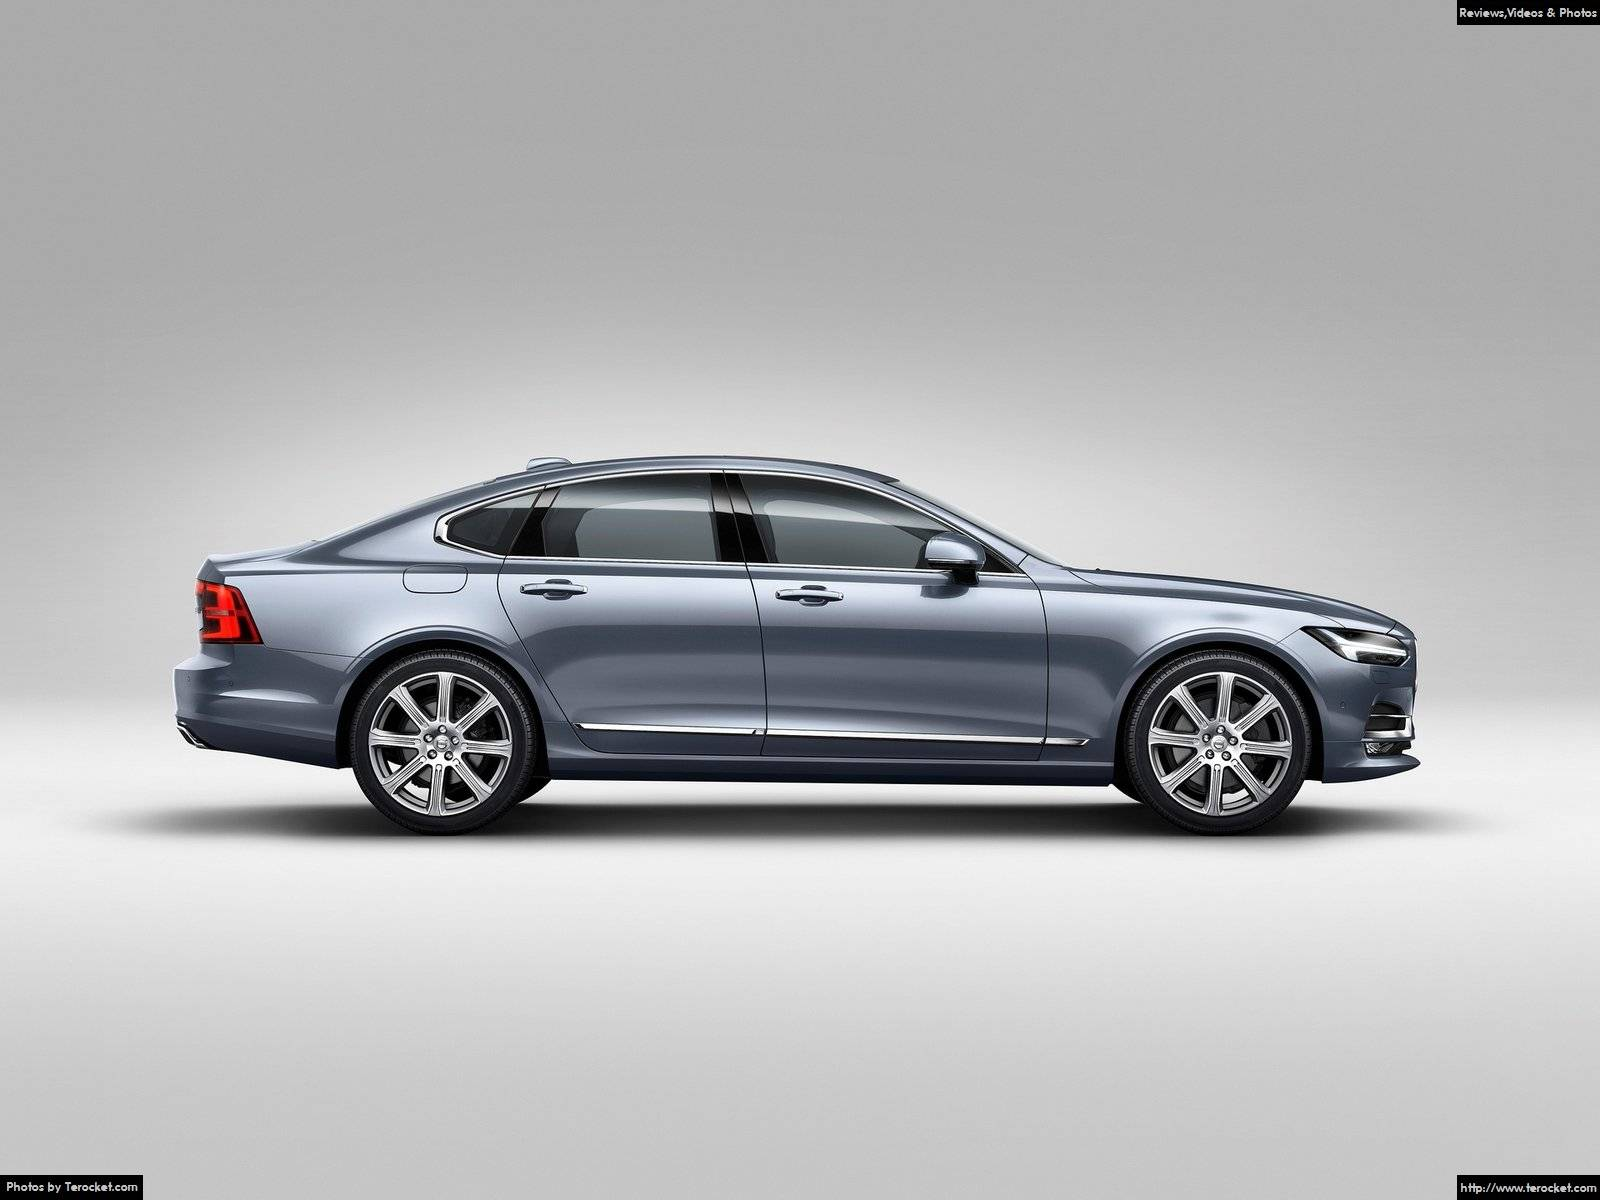 Hình ảnh xe ô tô Volvo S90 2017 & nội ngoại thất